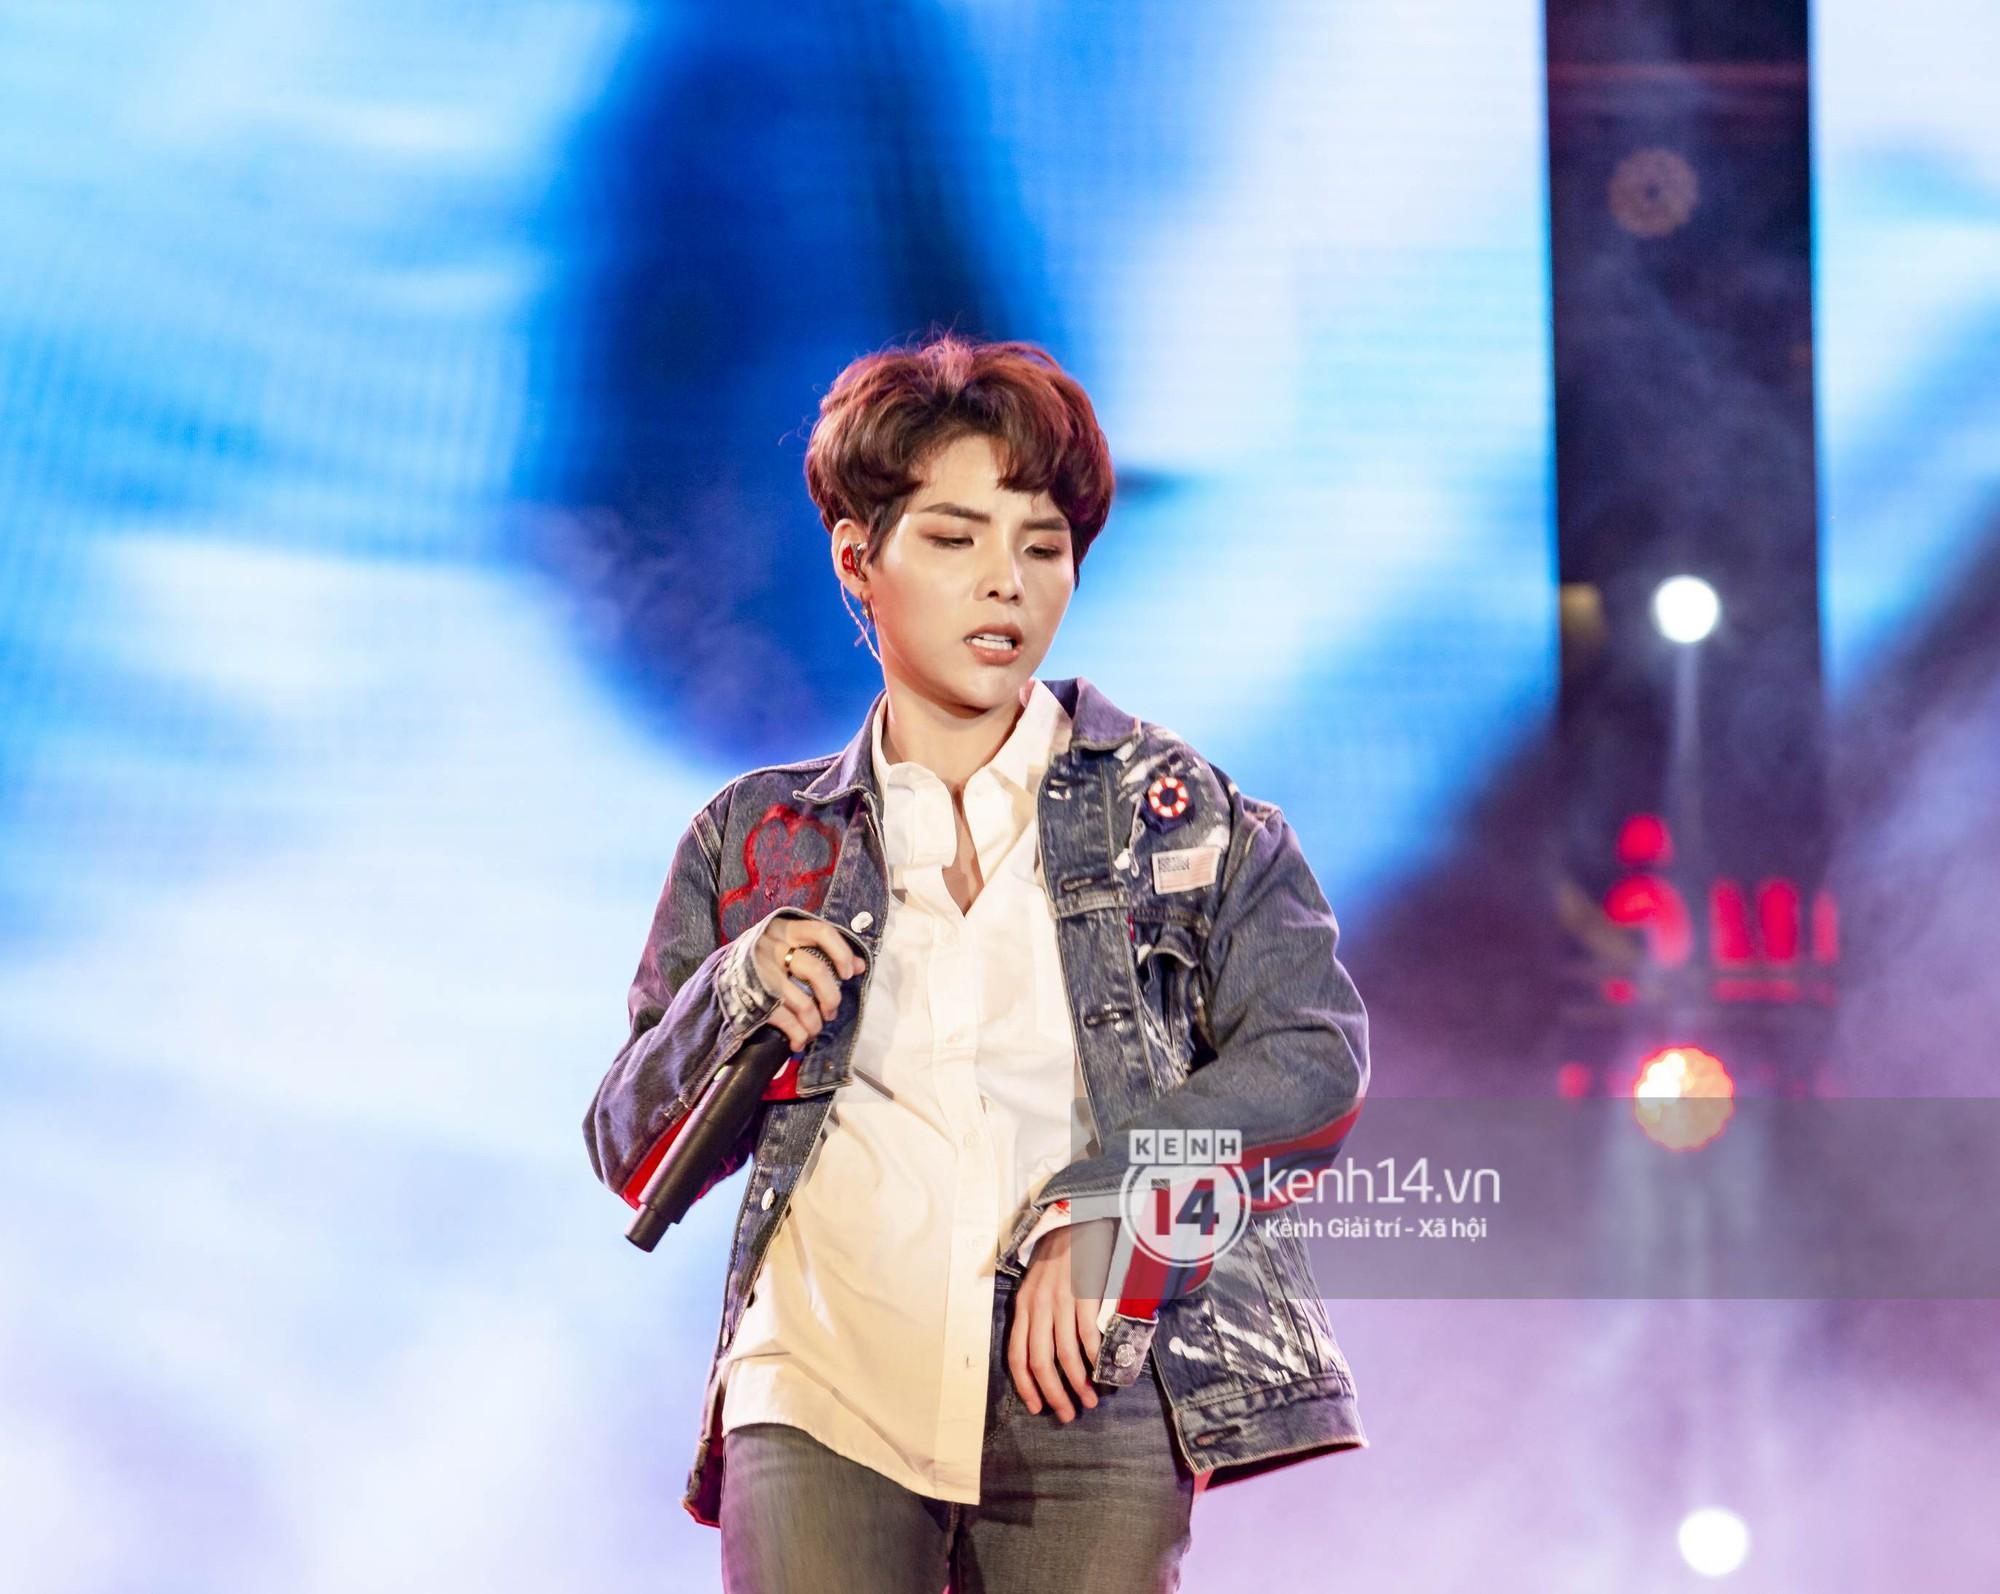 Sơn Tùng M-TP cởi phăng áo khoác, khoe cơ bắp in đầy tha thu khiến fan phát cuồng - Ảnh 7.